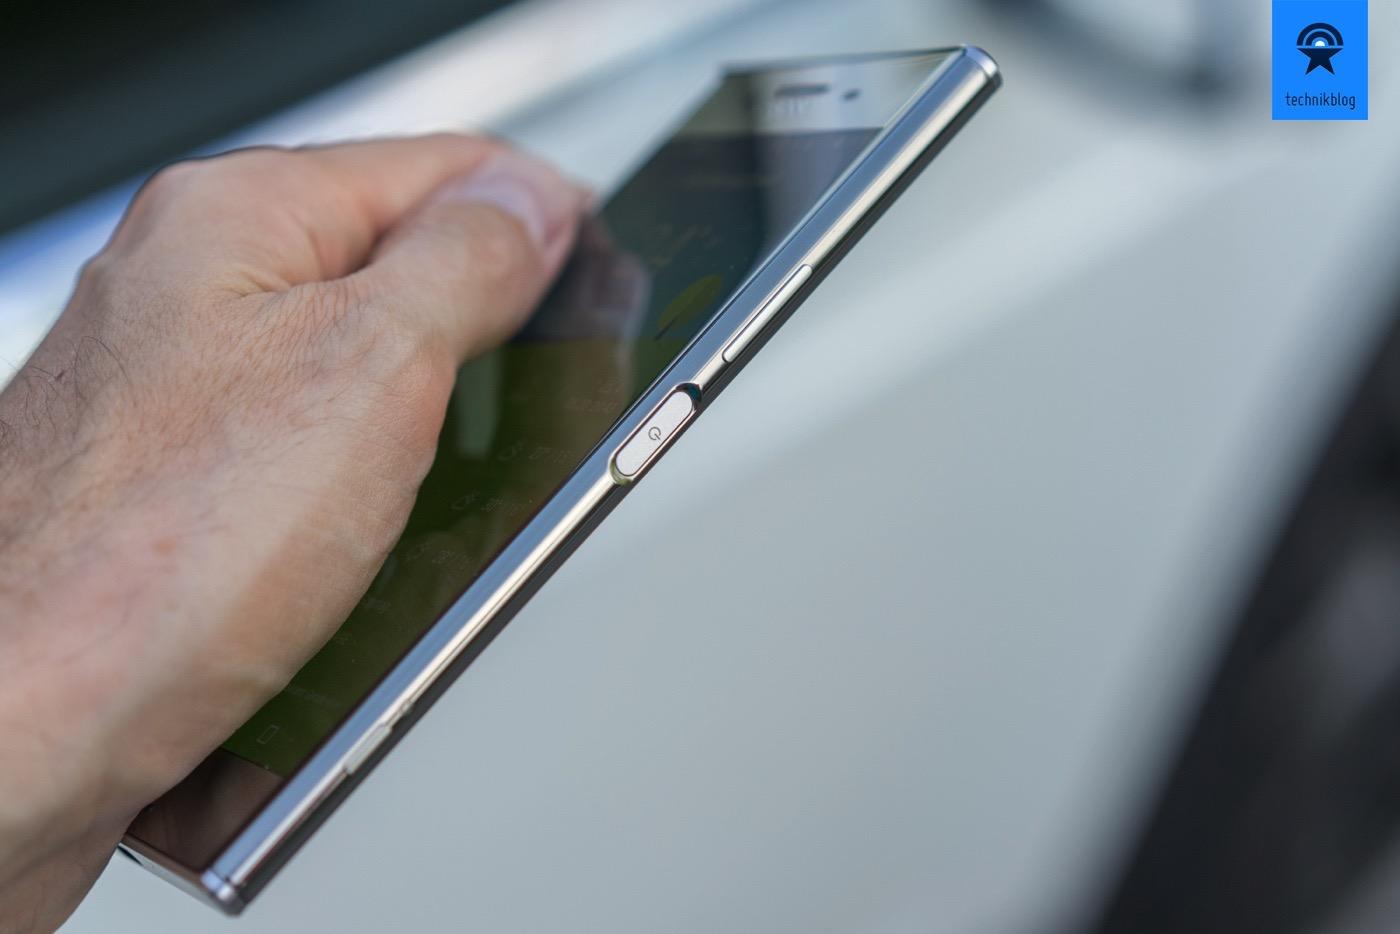 Sony Xperia XZ Premium: Fingerprint-reader im seitlichen Taster